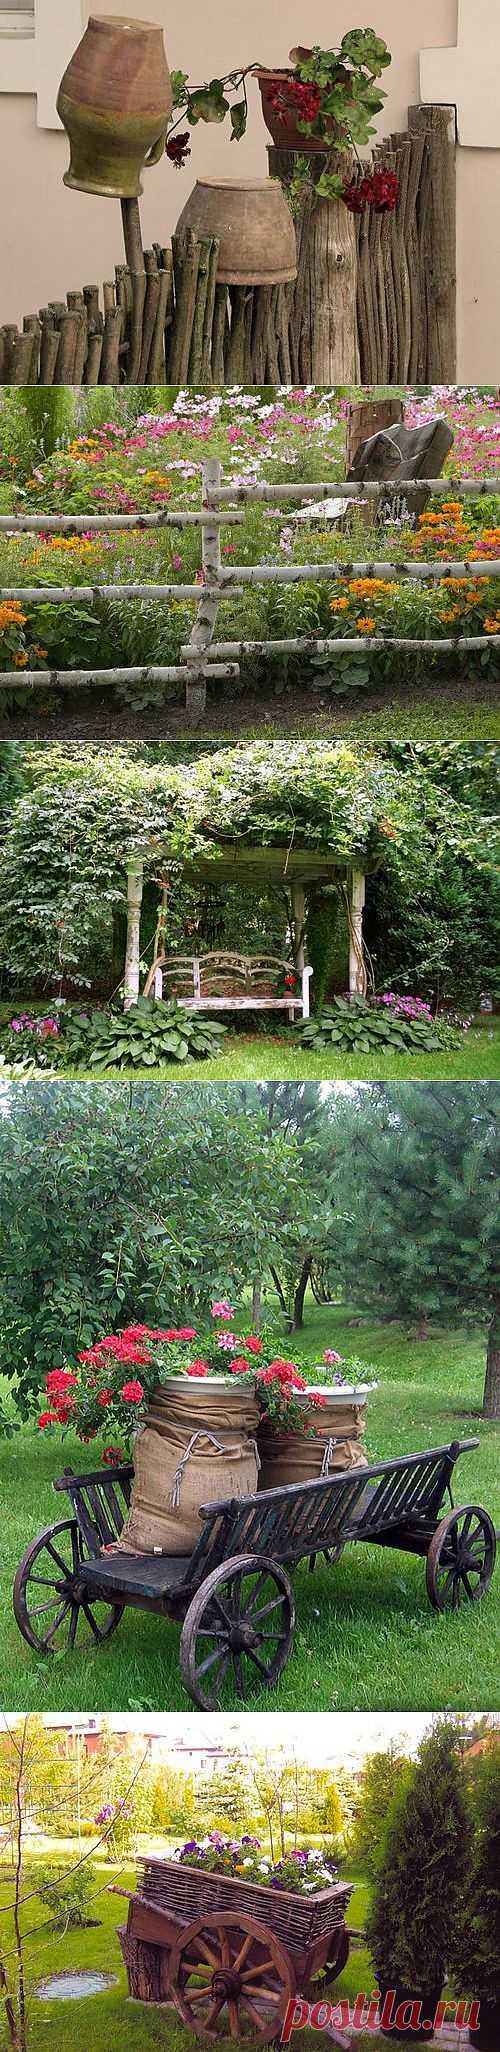 Деревенский стиль в ландшафтном дизайне: идеи оформления с фото   Дом Мечты